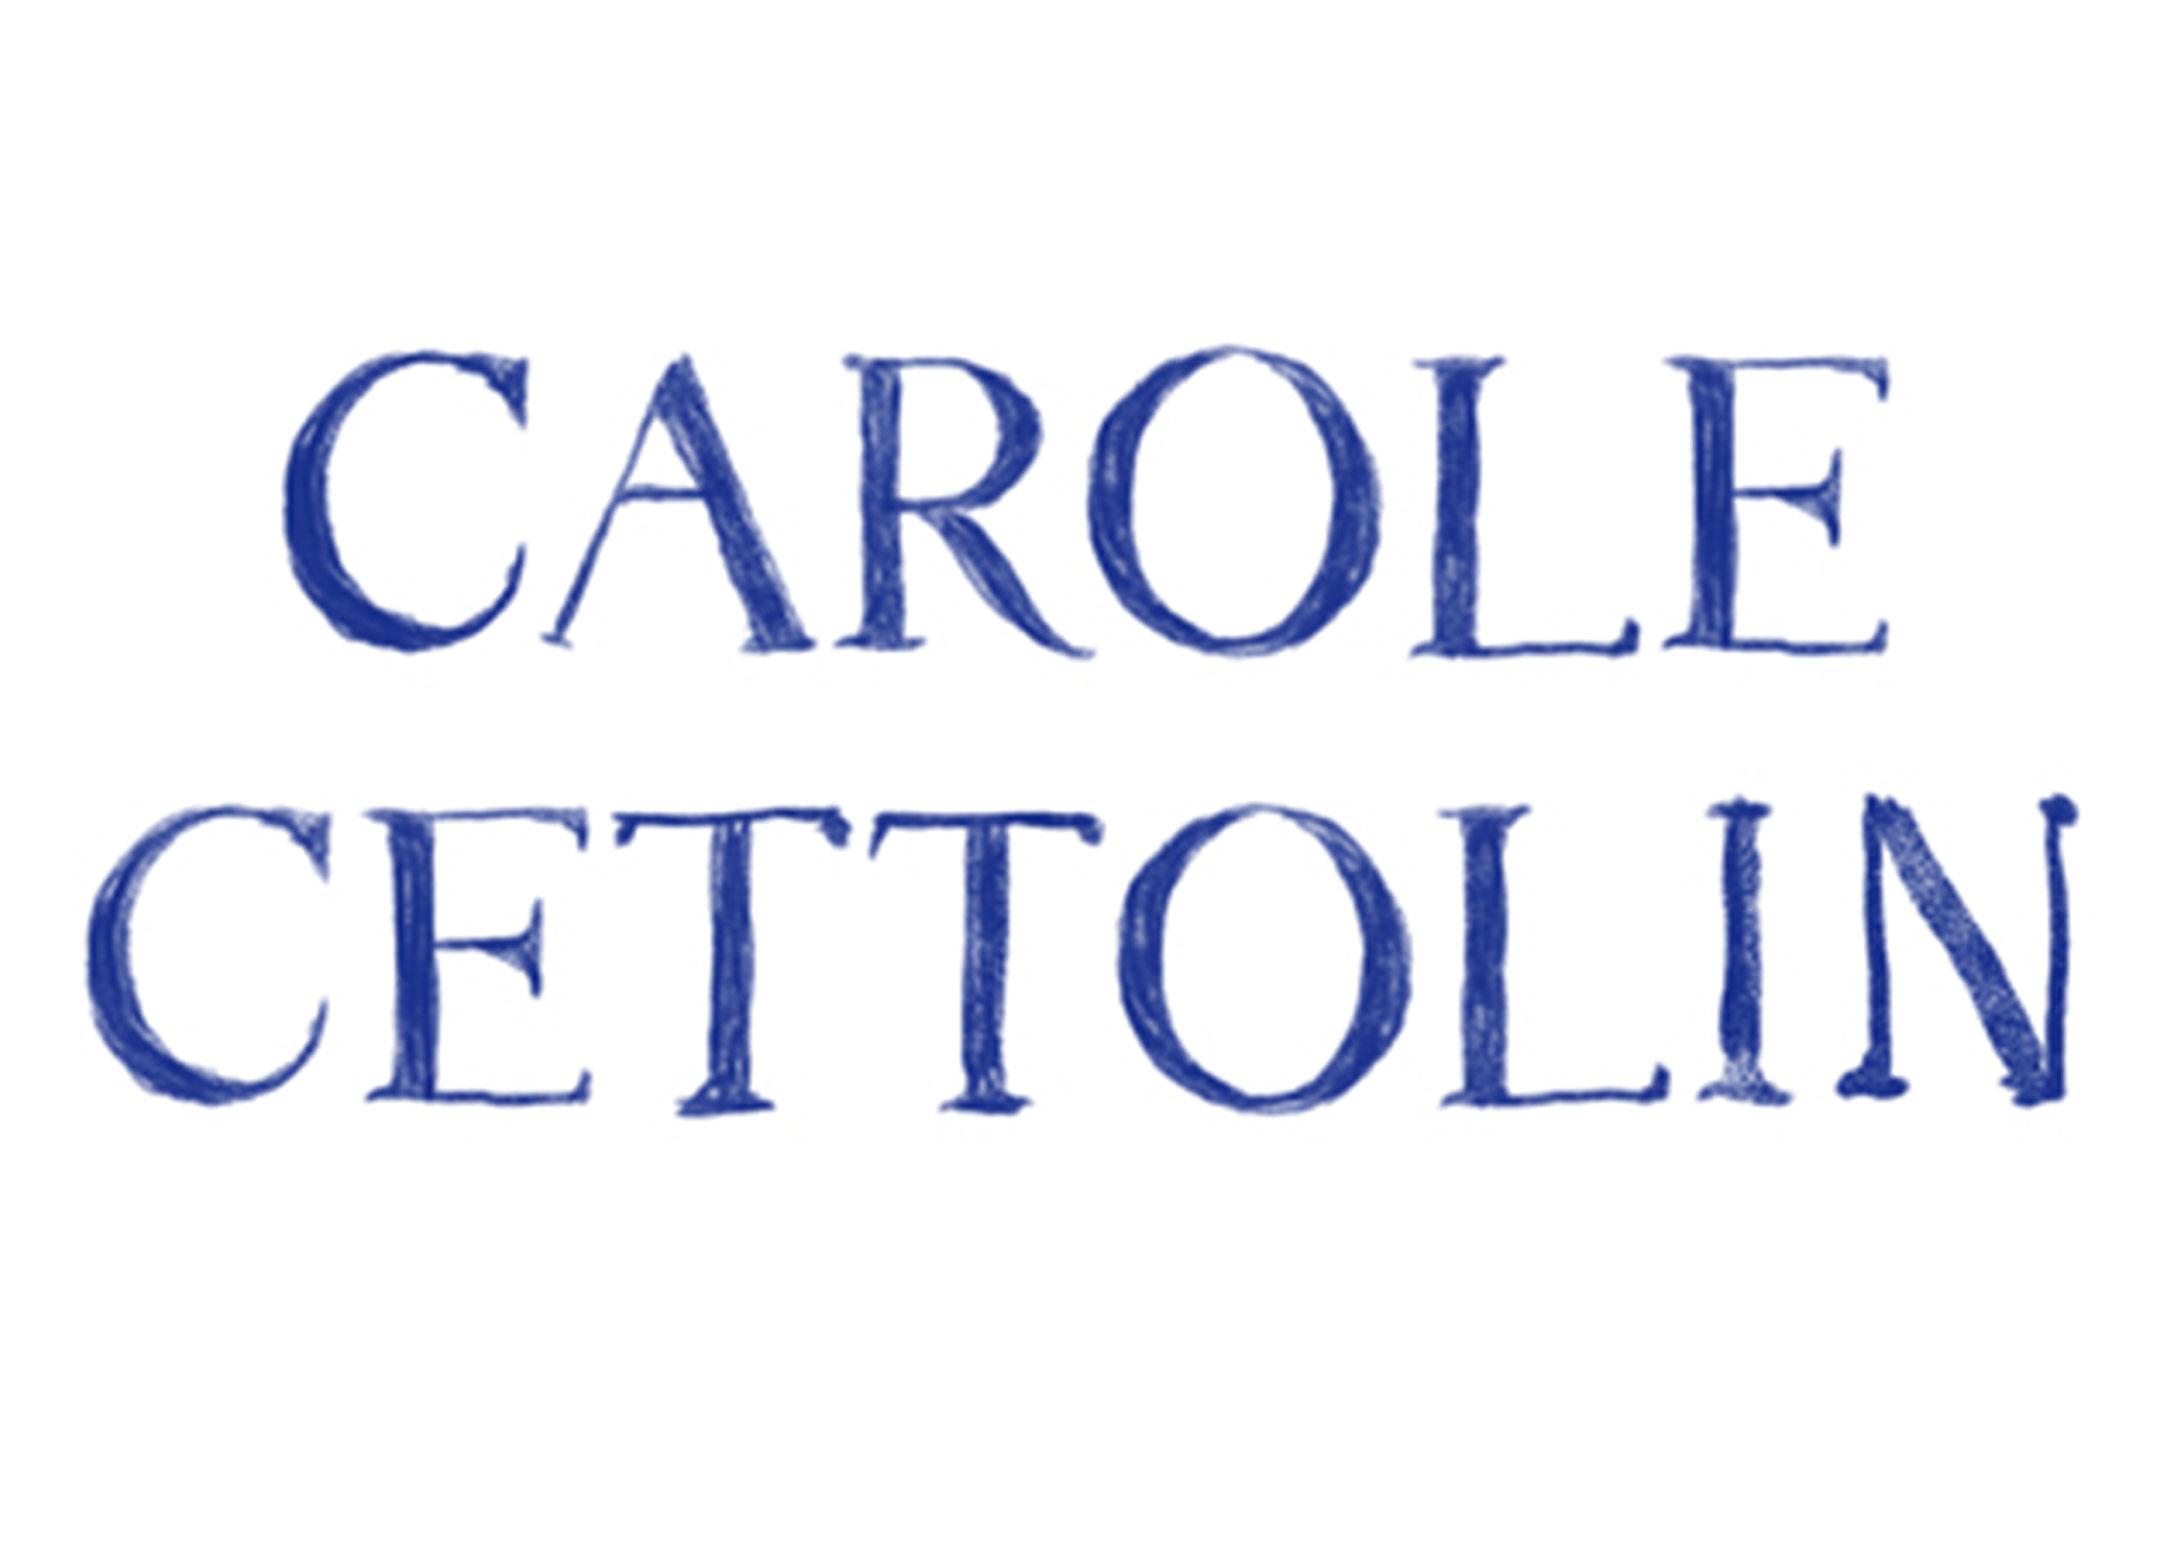 Carole Cettolin